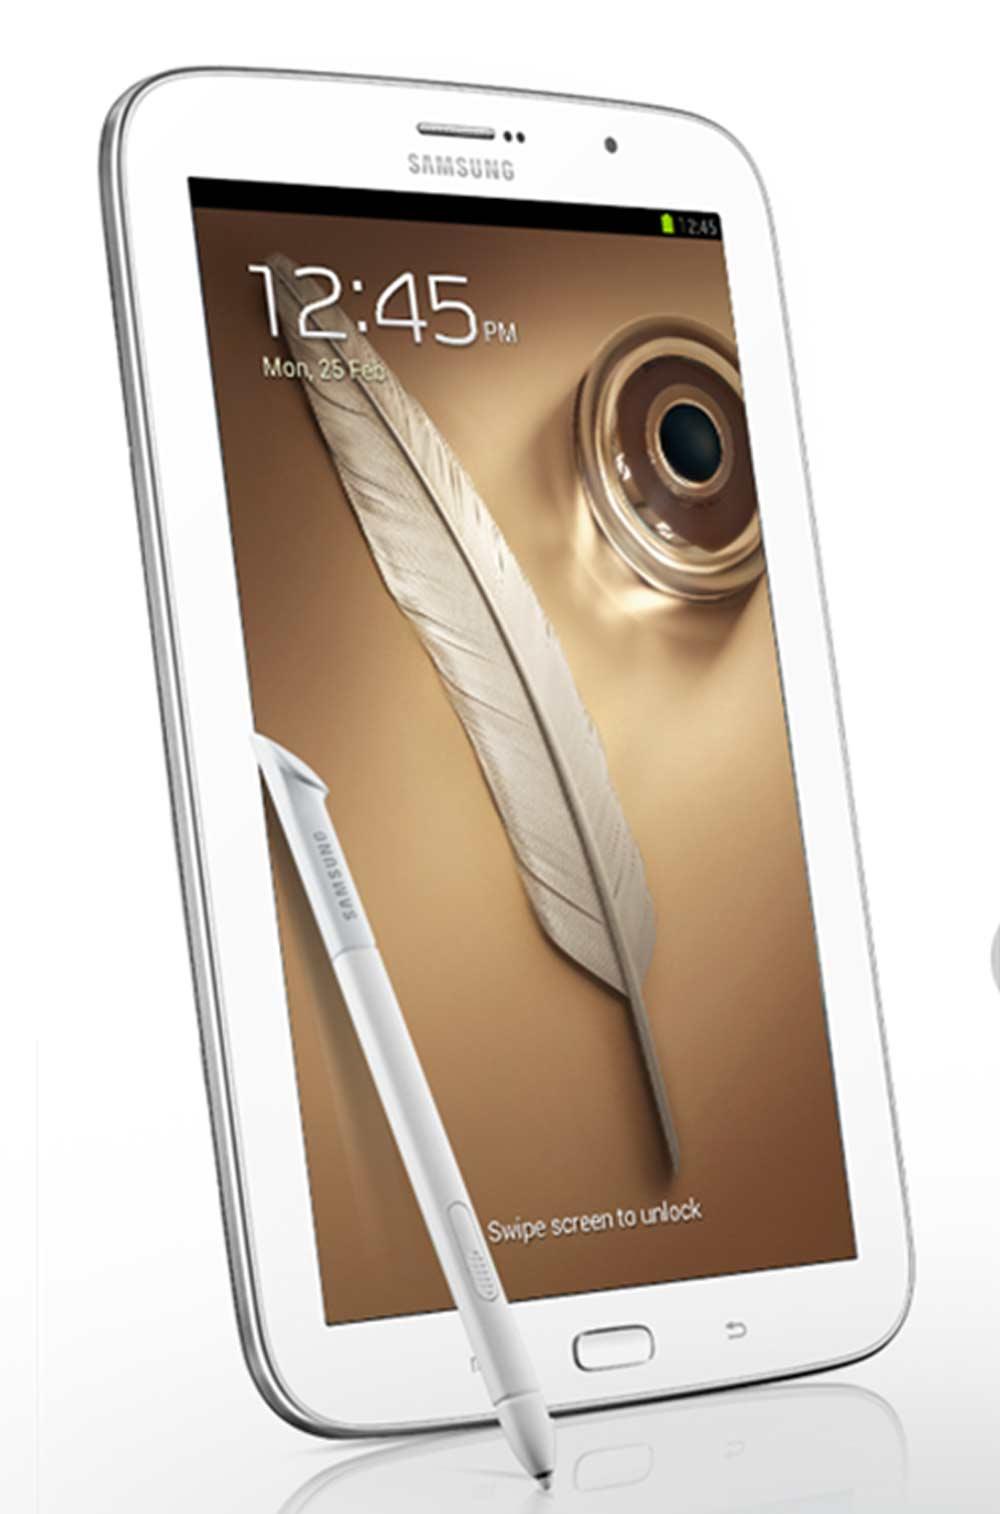 Samsung Galaxy Note 8.0 GT-N5100